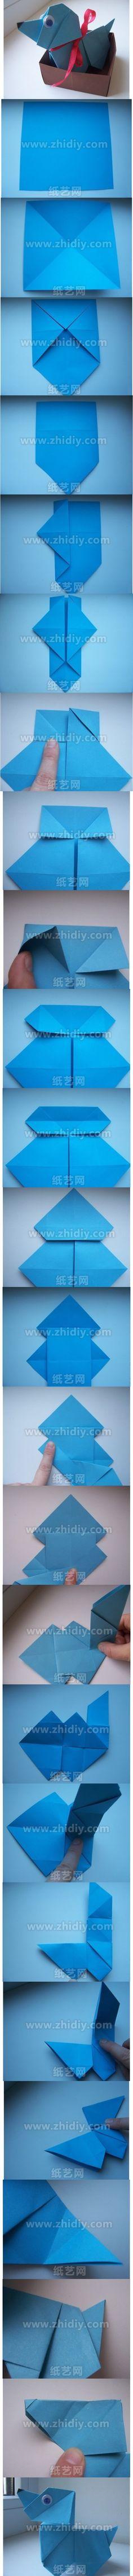 [手工折纸...来自陆-岸的图片分享-堆糖